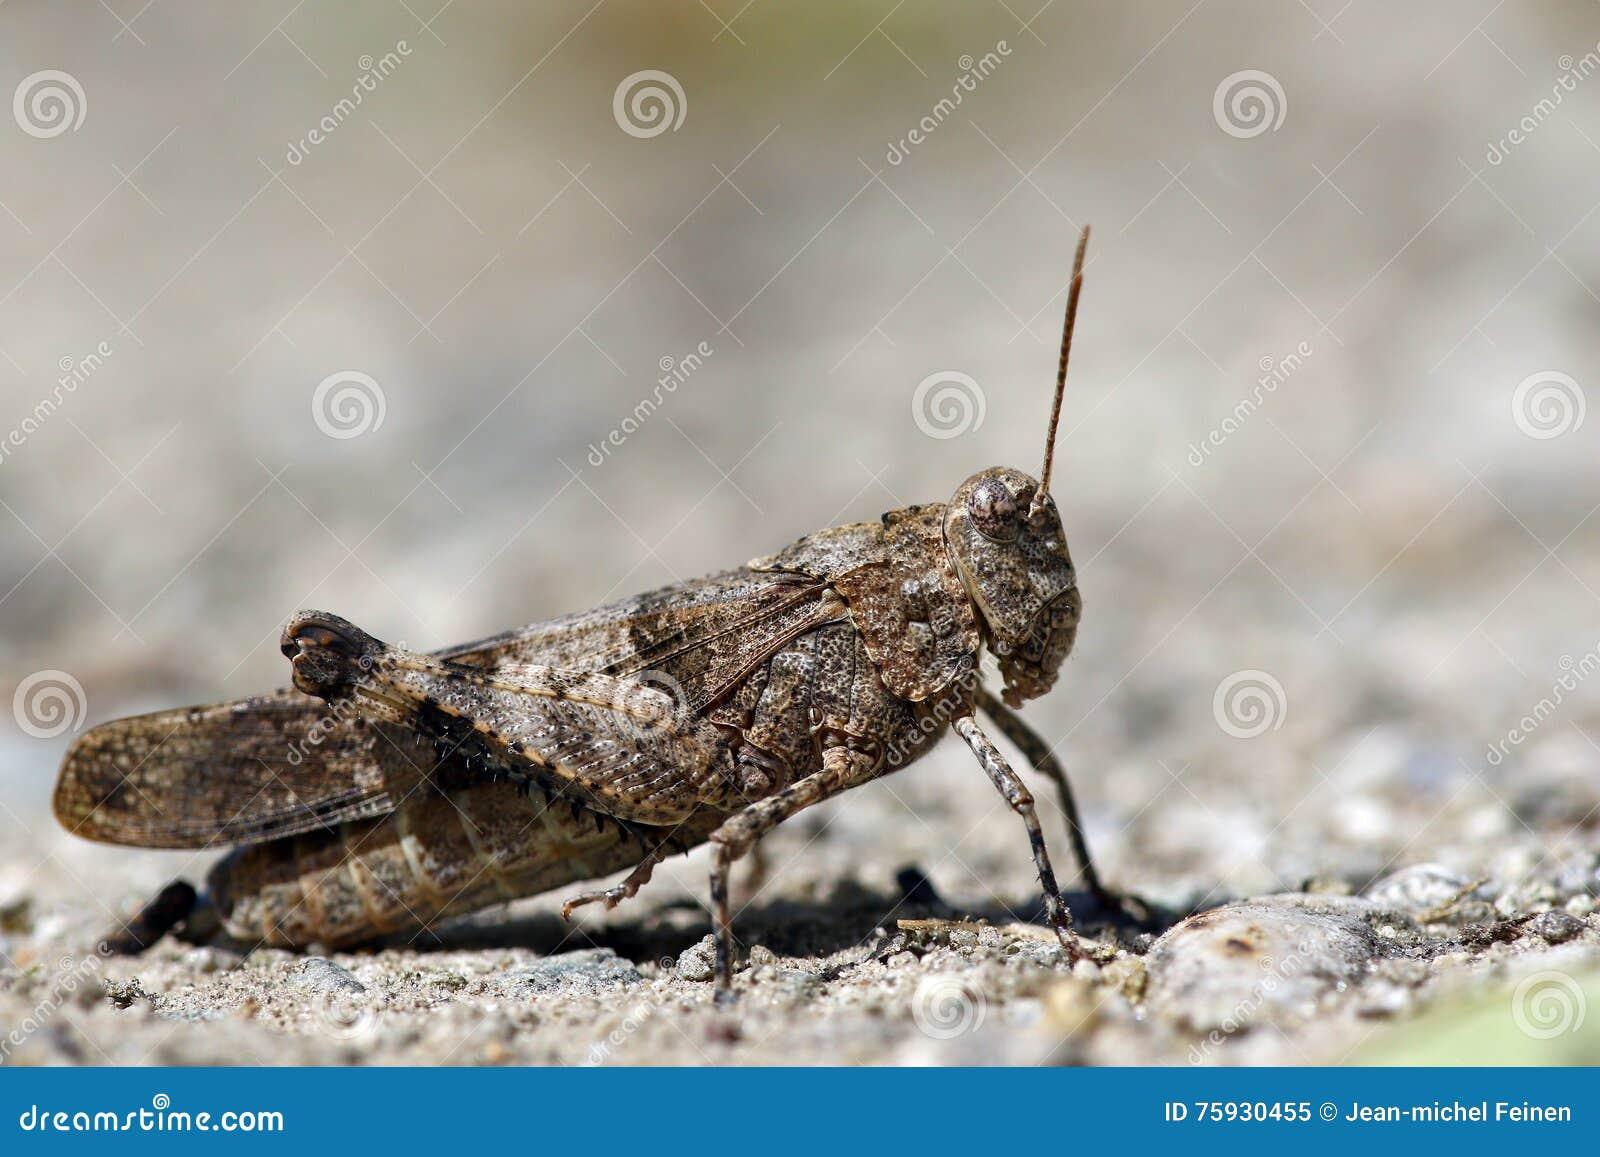 Macro portrait locust